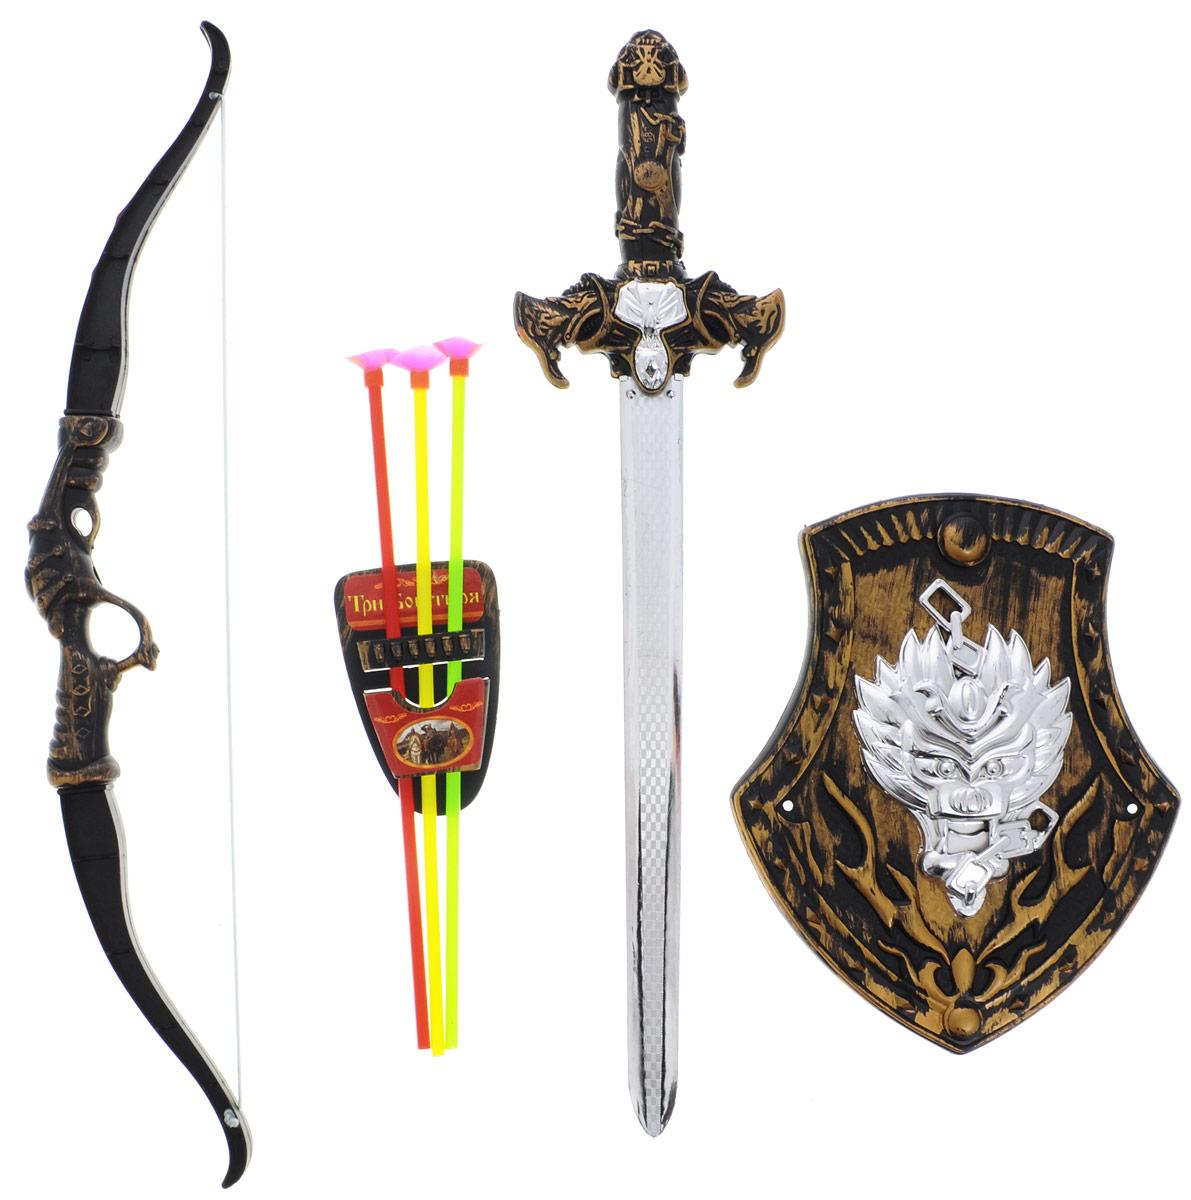 Играем вместе Набор оружия Три богатыря цвет черный светло-коричневый 7 предметовB417167-R1С набором оружия Играем вместе Три богатыря ваш ребенок почувствует себя настоящим защитником и сможет создать несколько игровых сцен средневековья, попробовав себя в роли рыцаря или богатыря. В набор входят щит, меч, лук, футляр для стрел и три разноцветные стрелы. Все элементы выполнены из прочного и безопасного для ребенка материала. Порадуйте своего ребенка таким замечательным подарком!